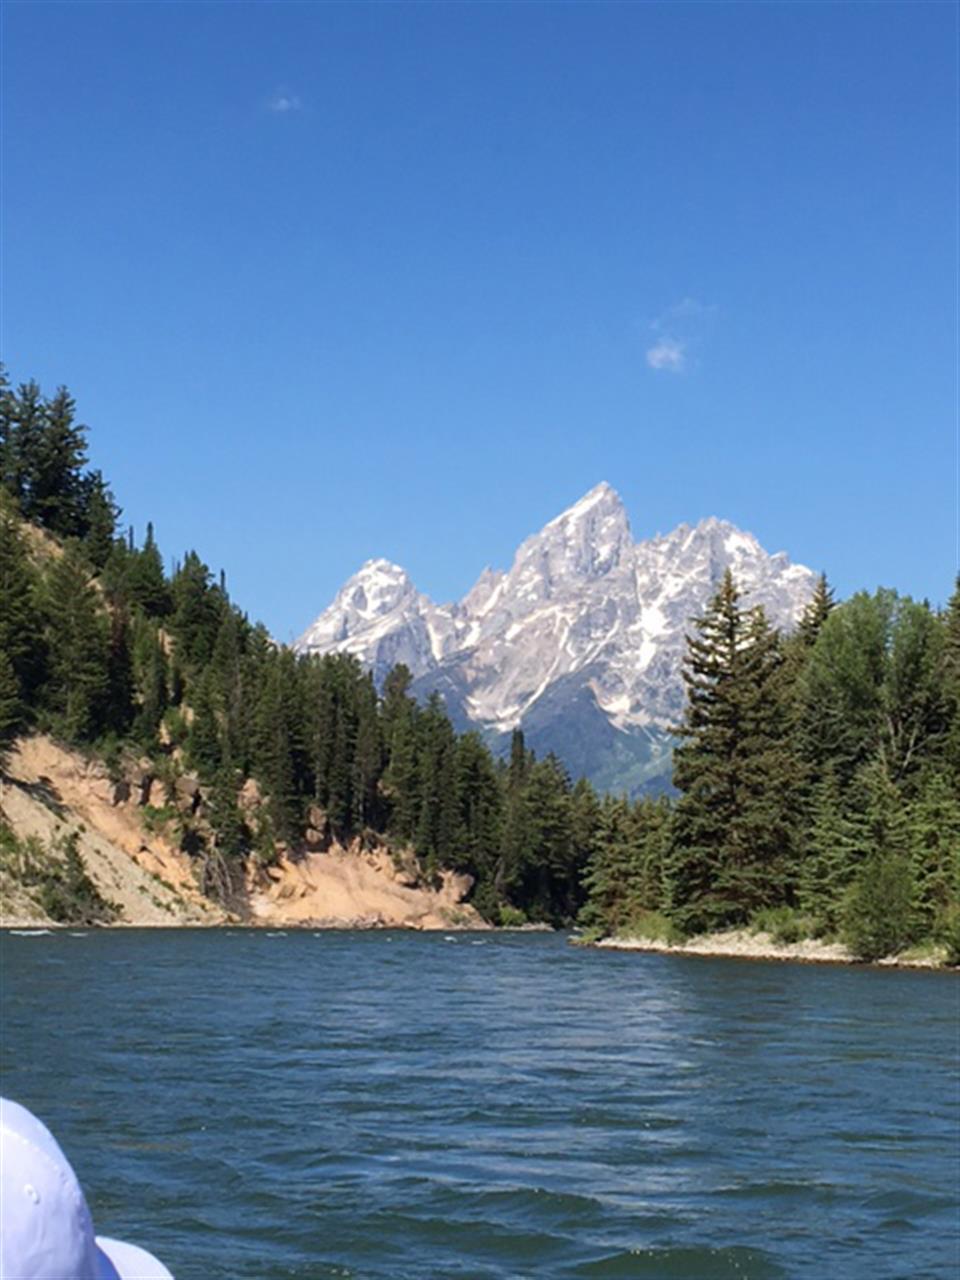 #leadingrelocal #JacksonHole #Wyoming #mountains